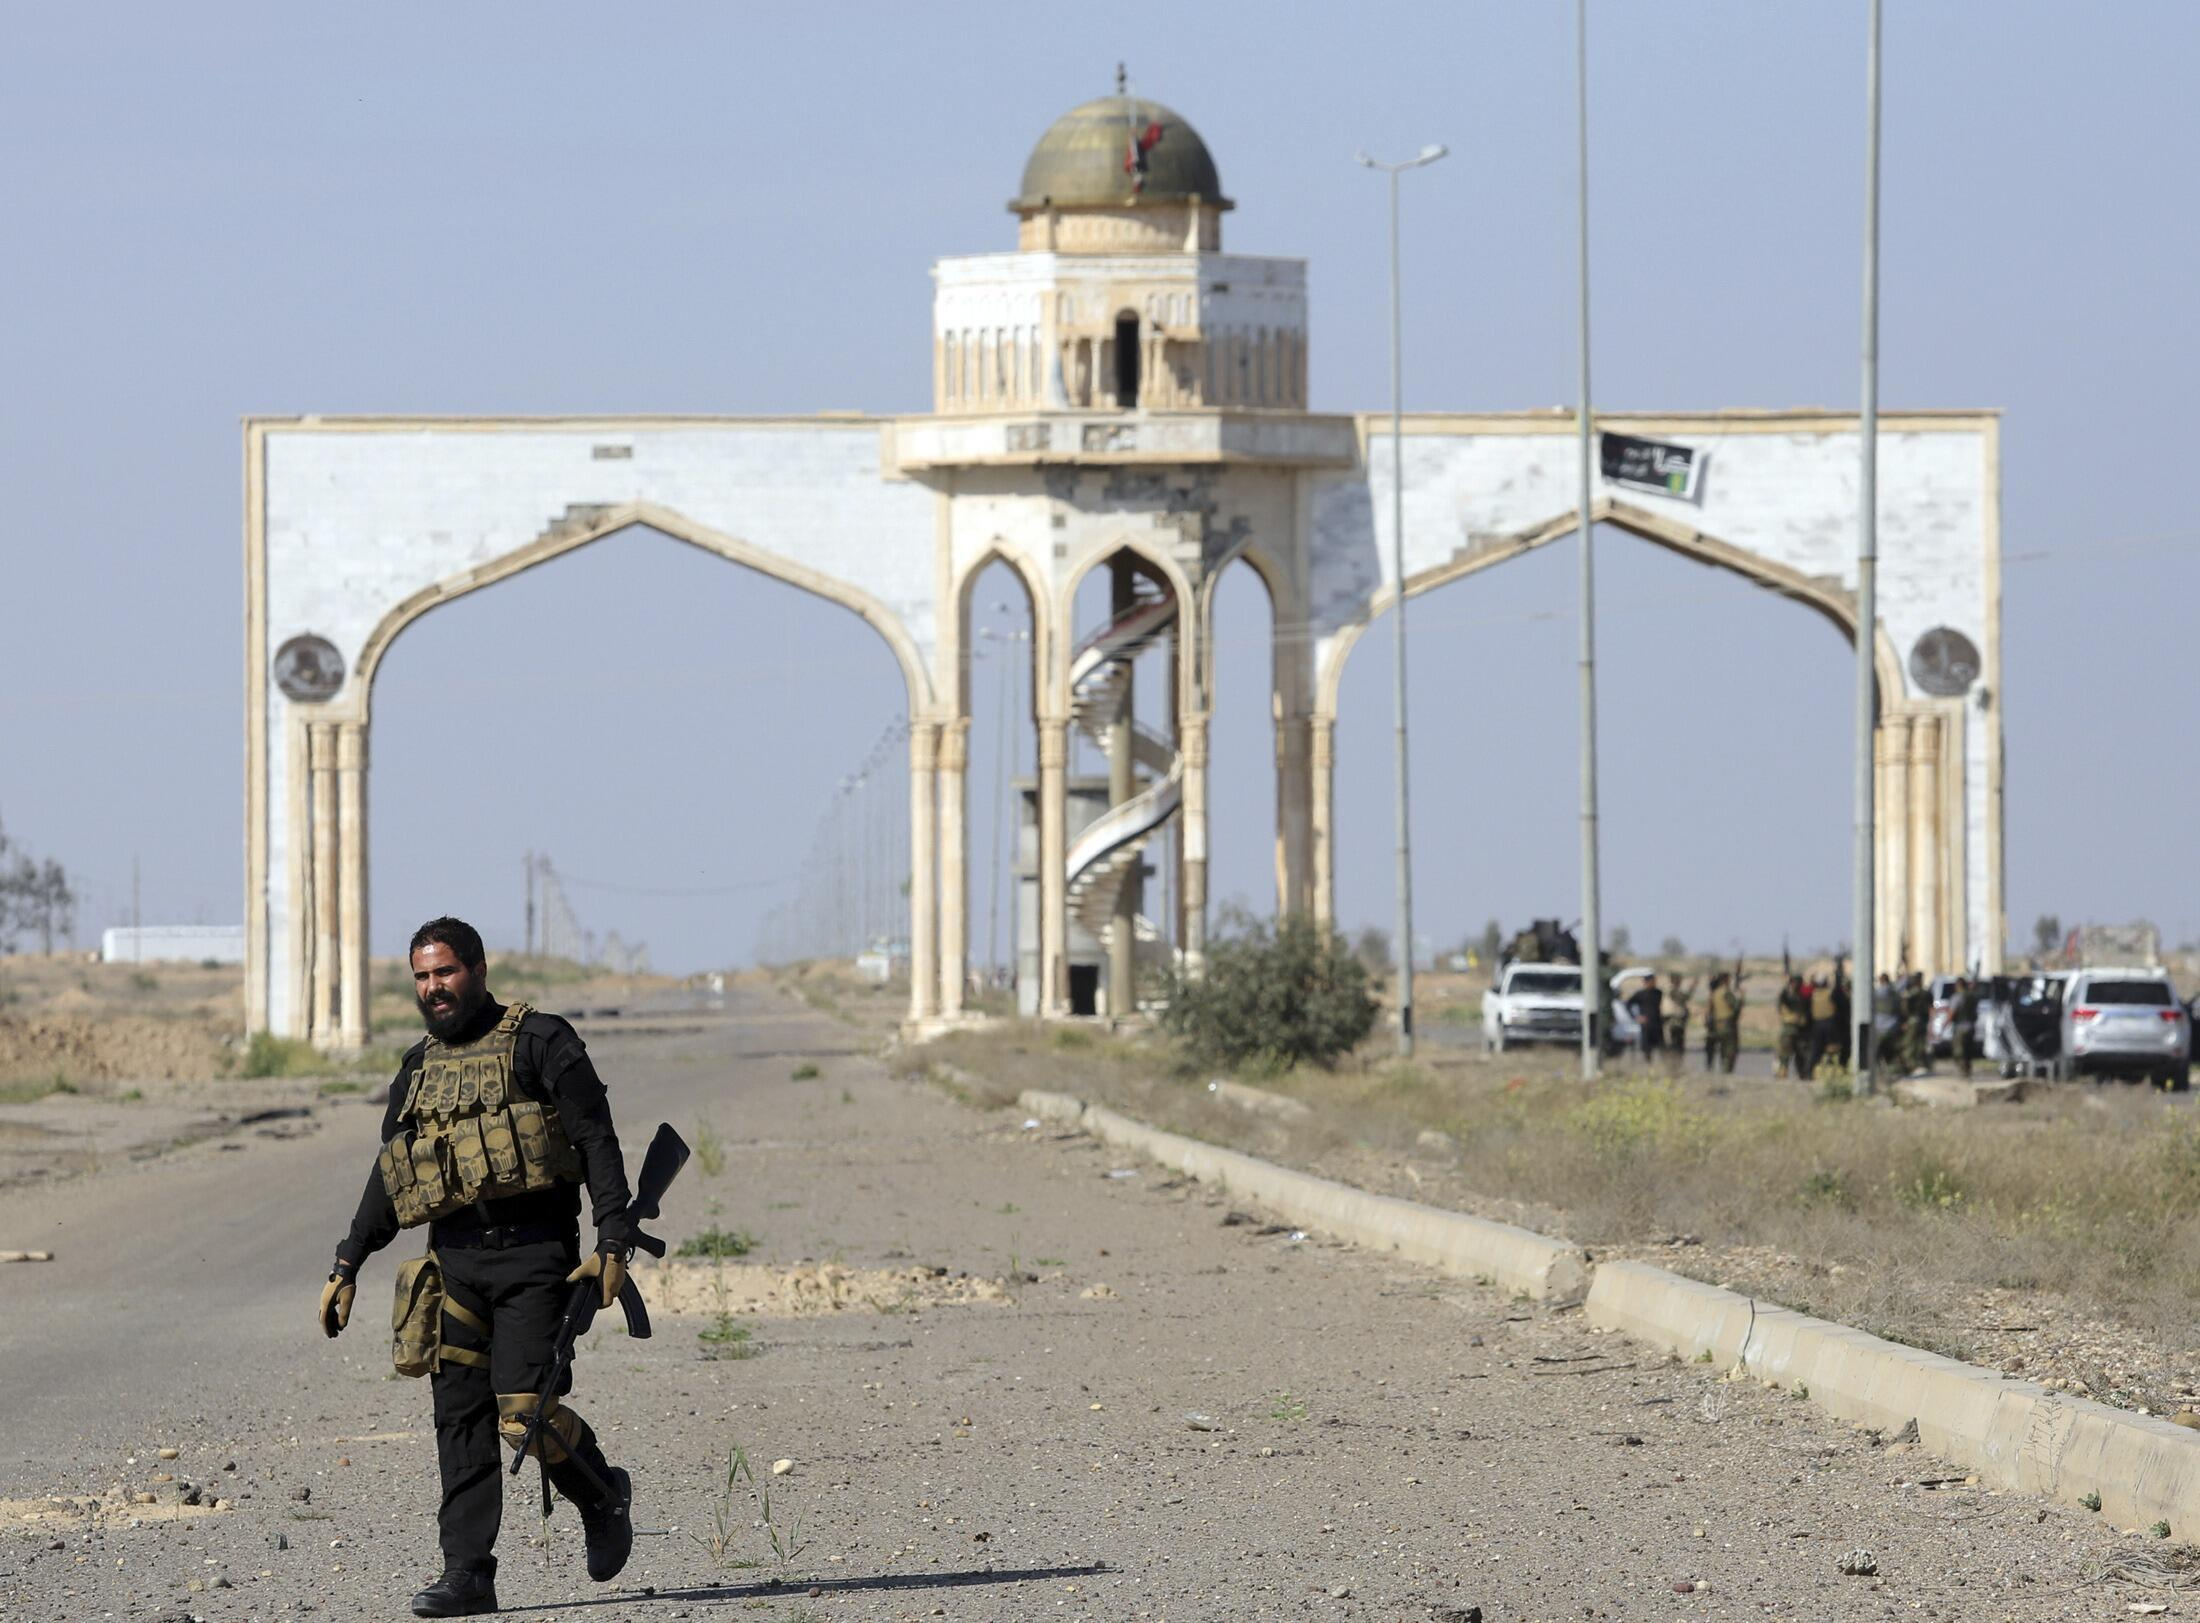 Иракский военный, Тикрит, Ирак, 18 февраля 2015 г.